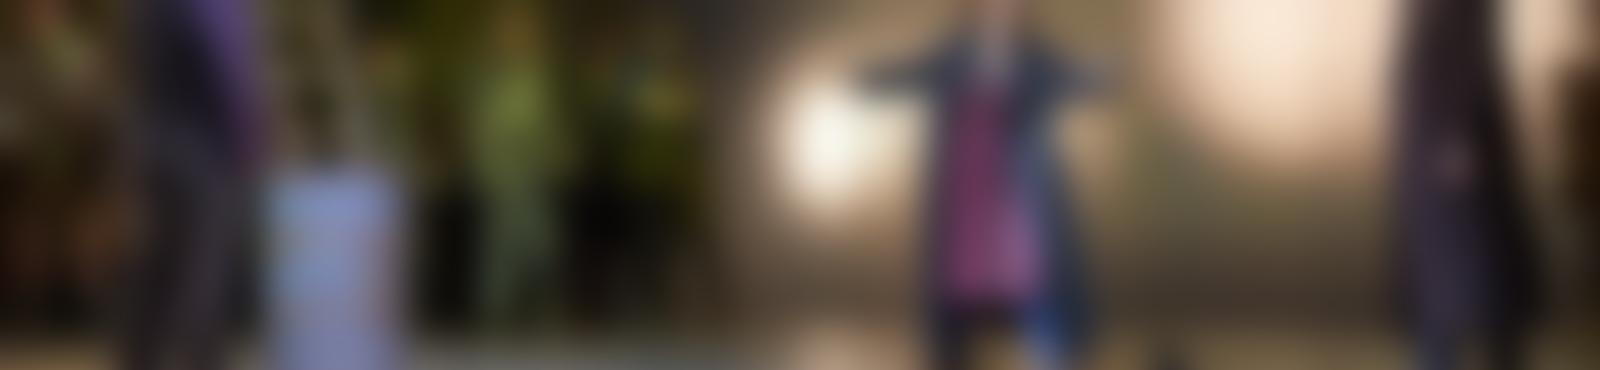 Blurred 397ace23 d4a1 4d1e a0d1 e135d7ee6820